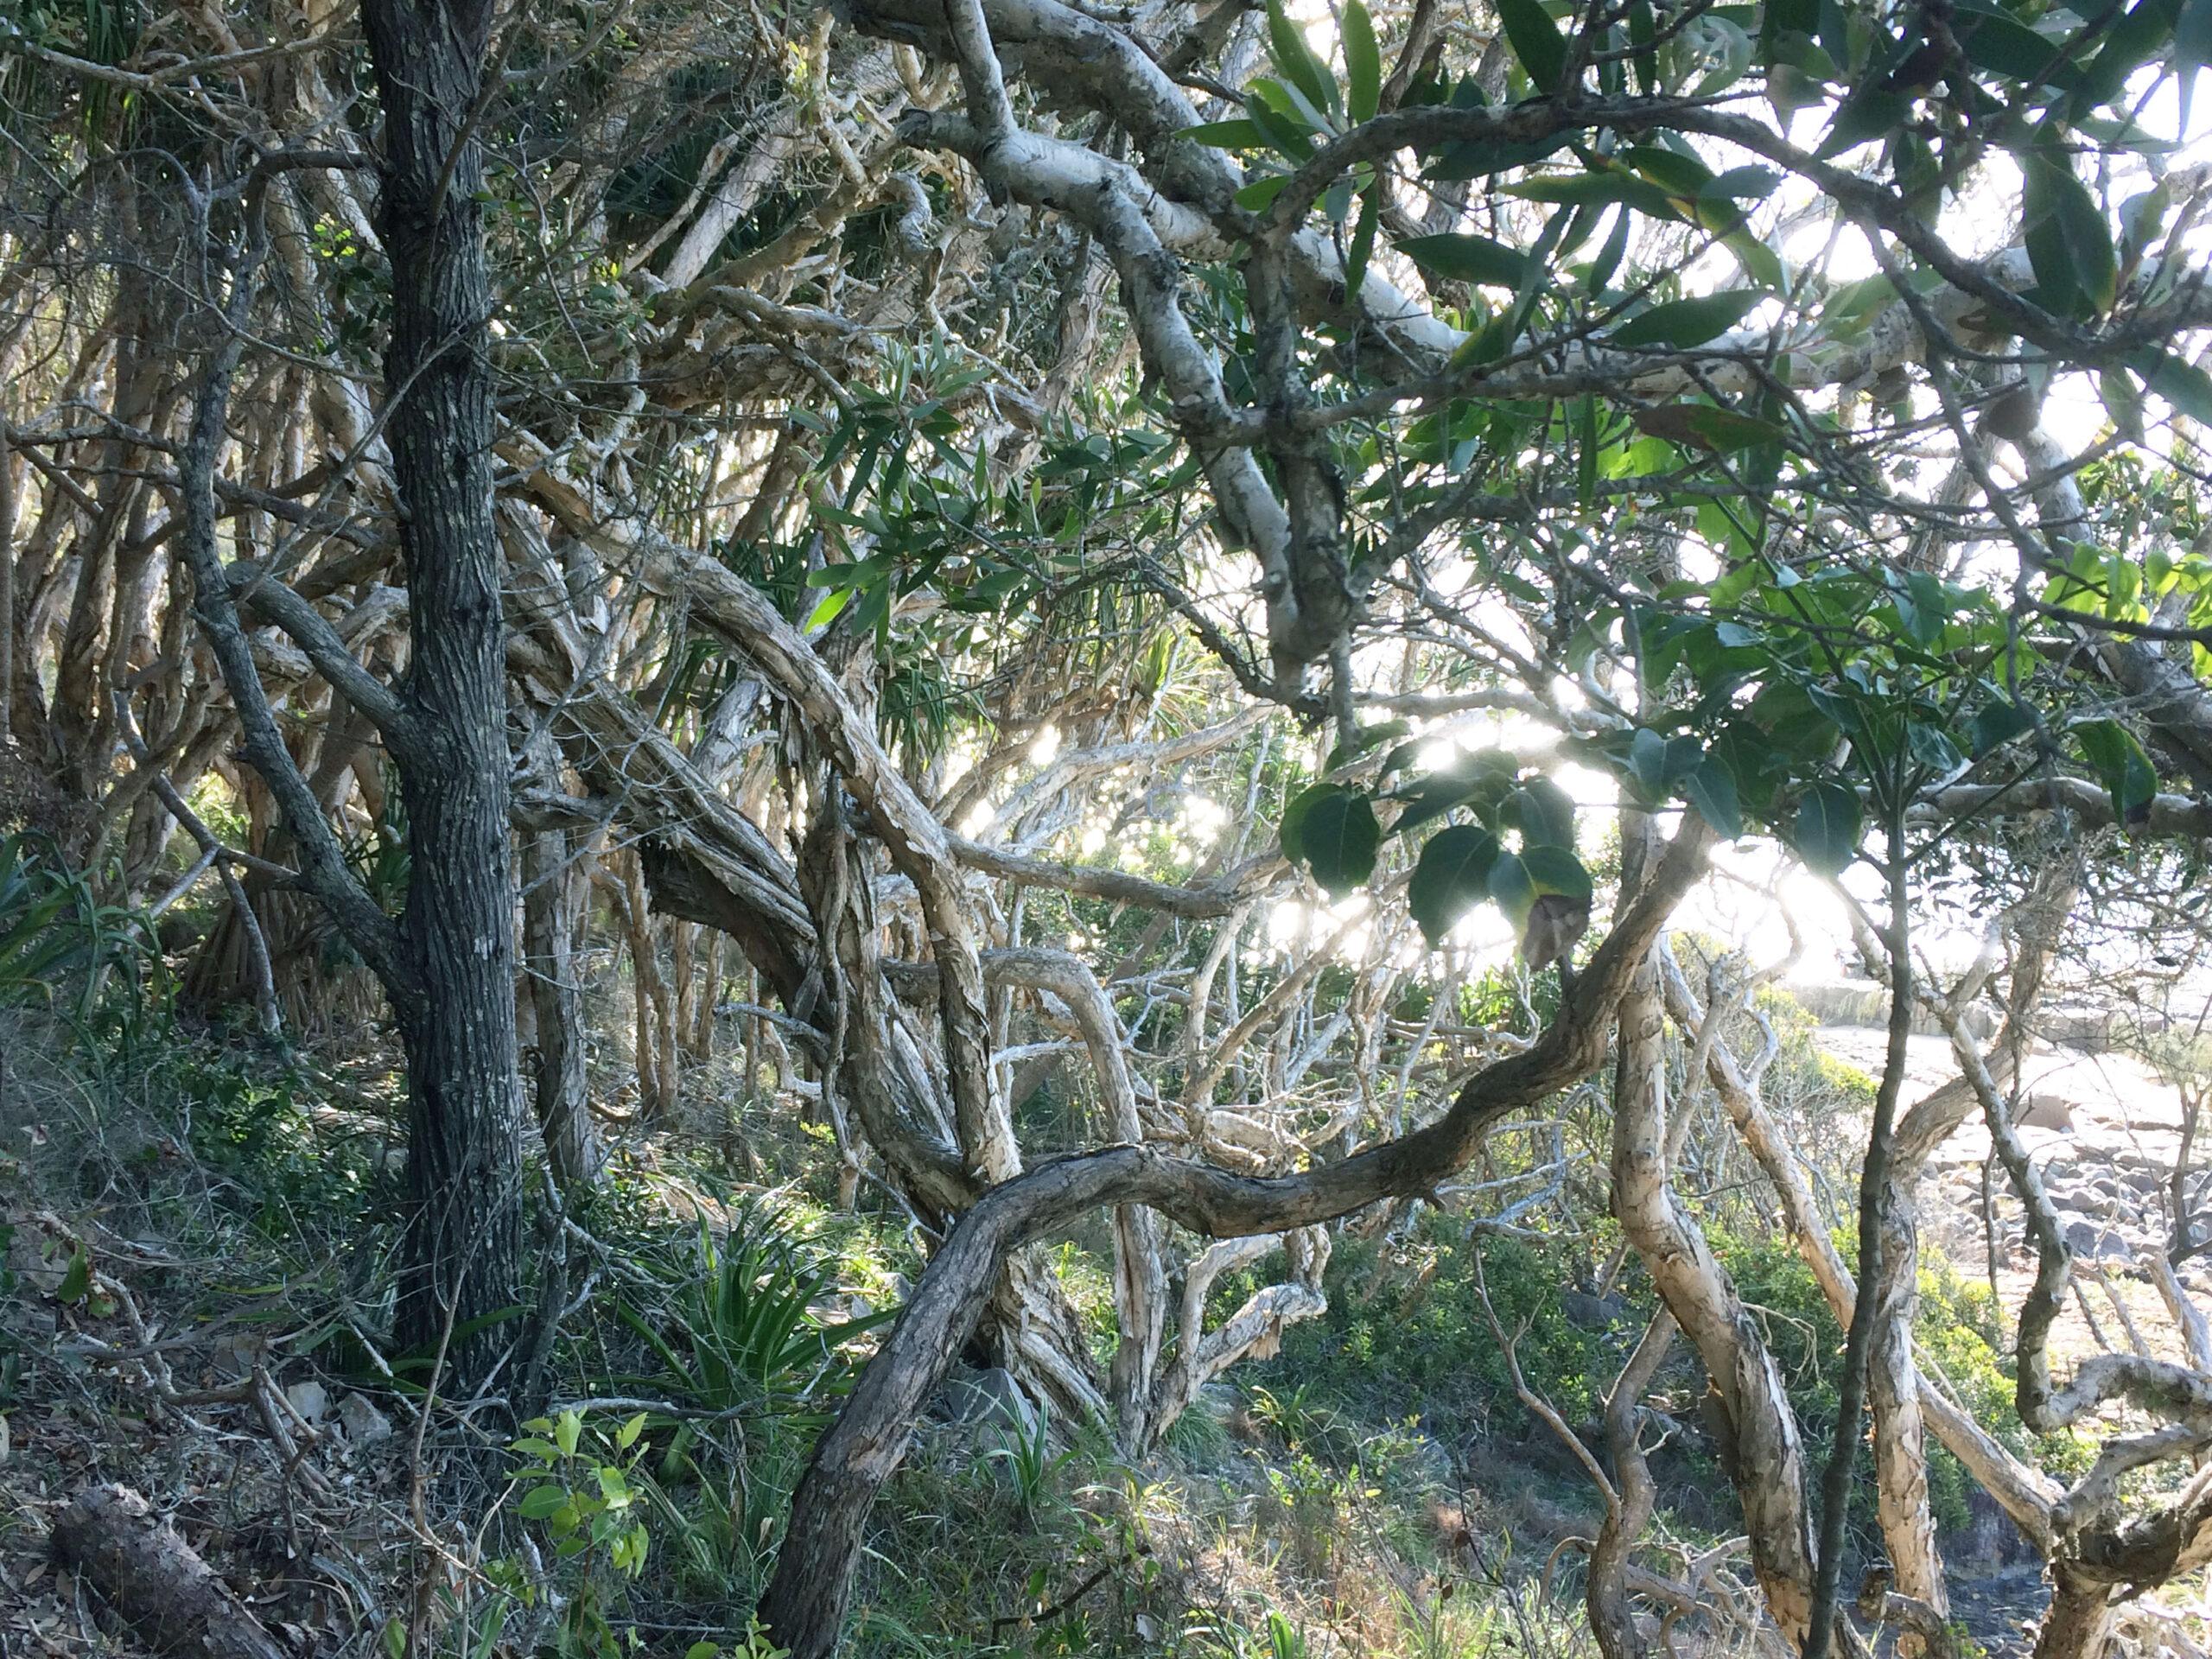 Tea trees by the ocean, Noosa, Queensland.